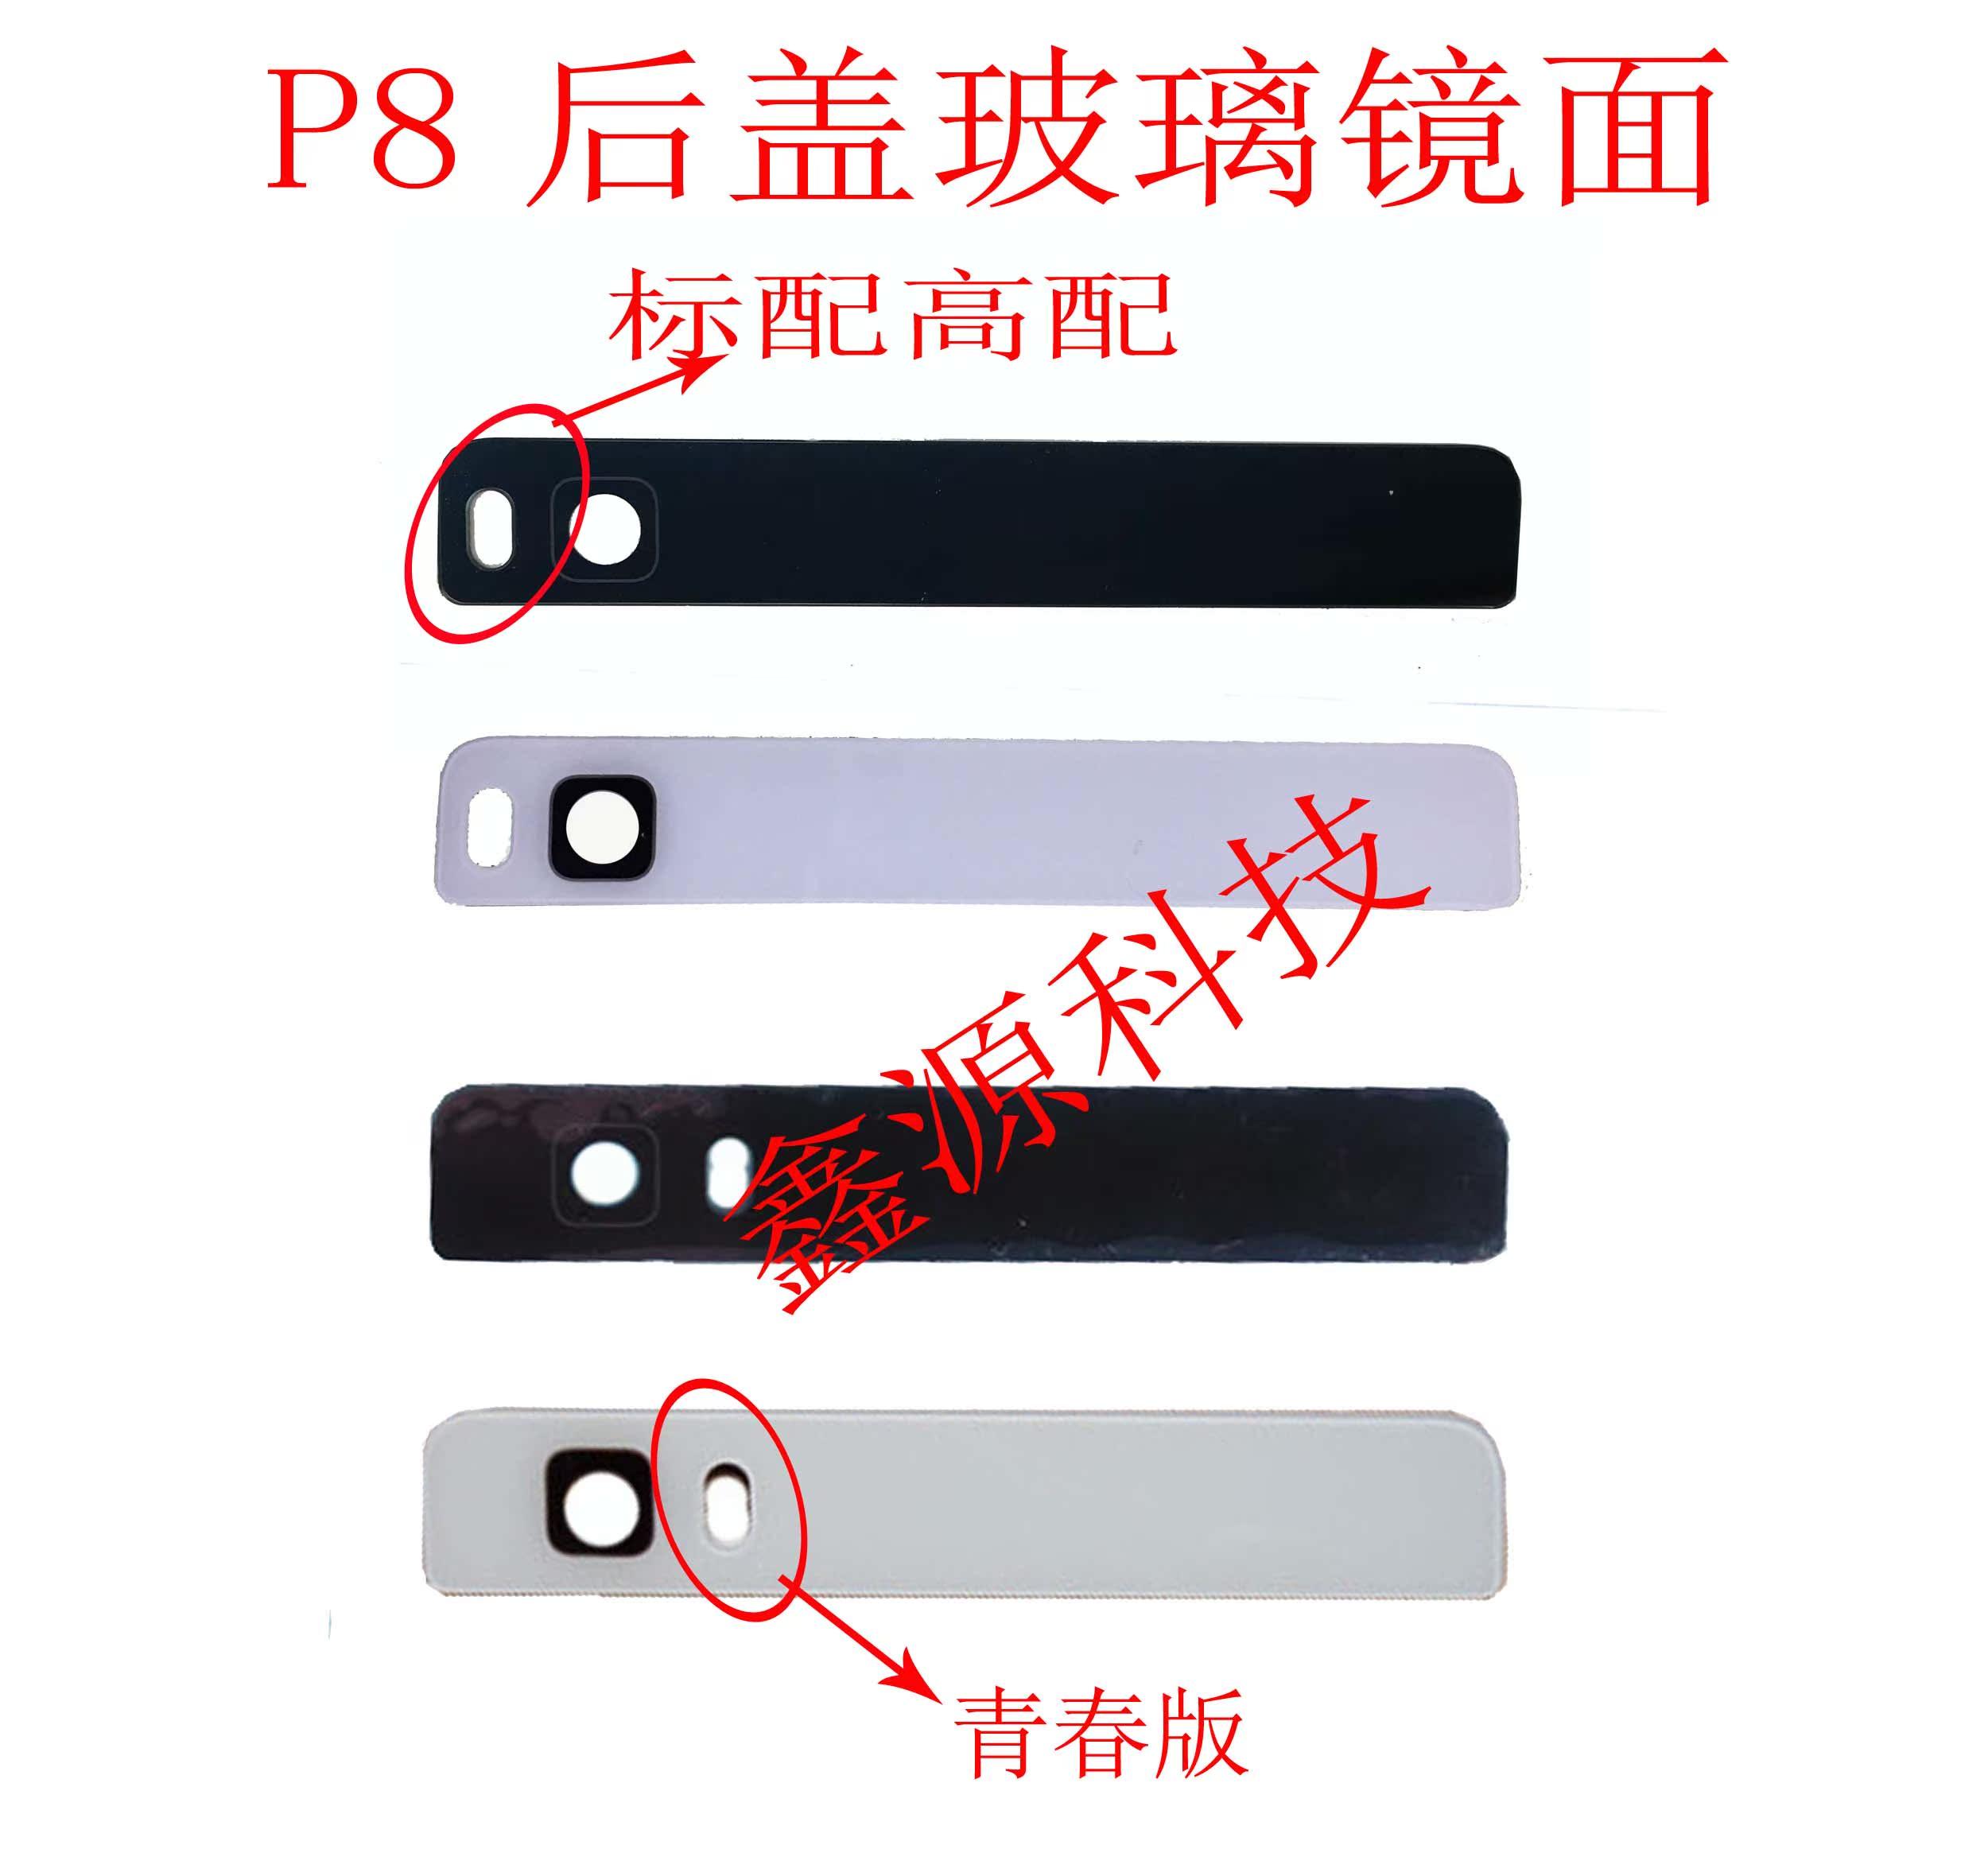 适用华为P8标配高配后摄像头 GRA-CL10 GRA-UL10 TL00后置像头